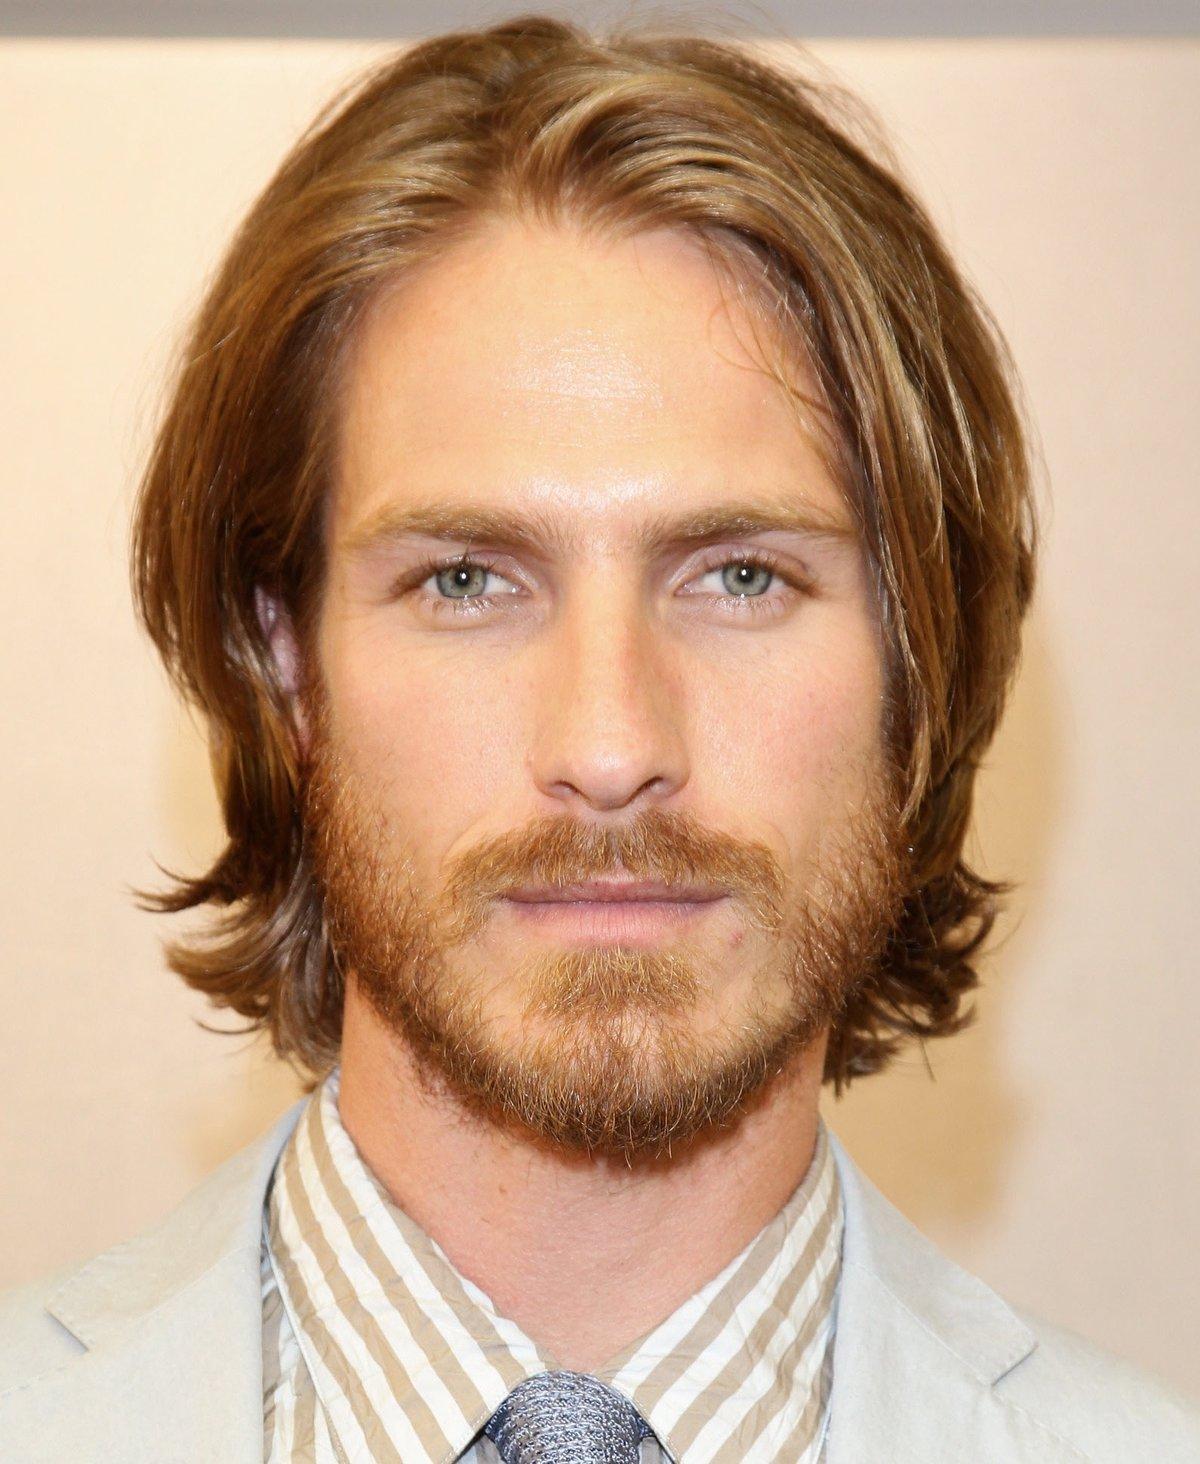 Причёска мужская длинные волосы фото